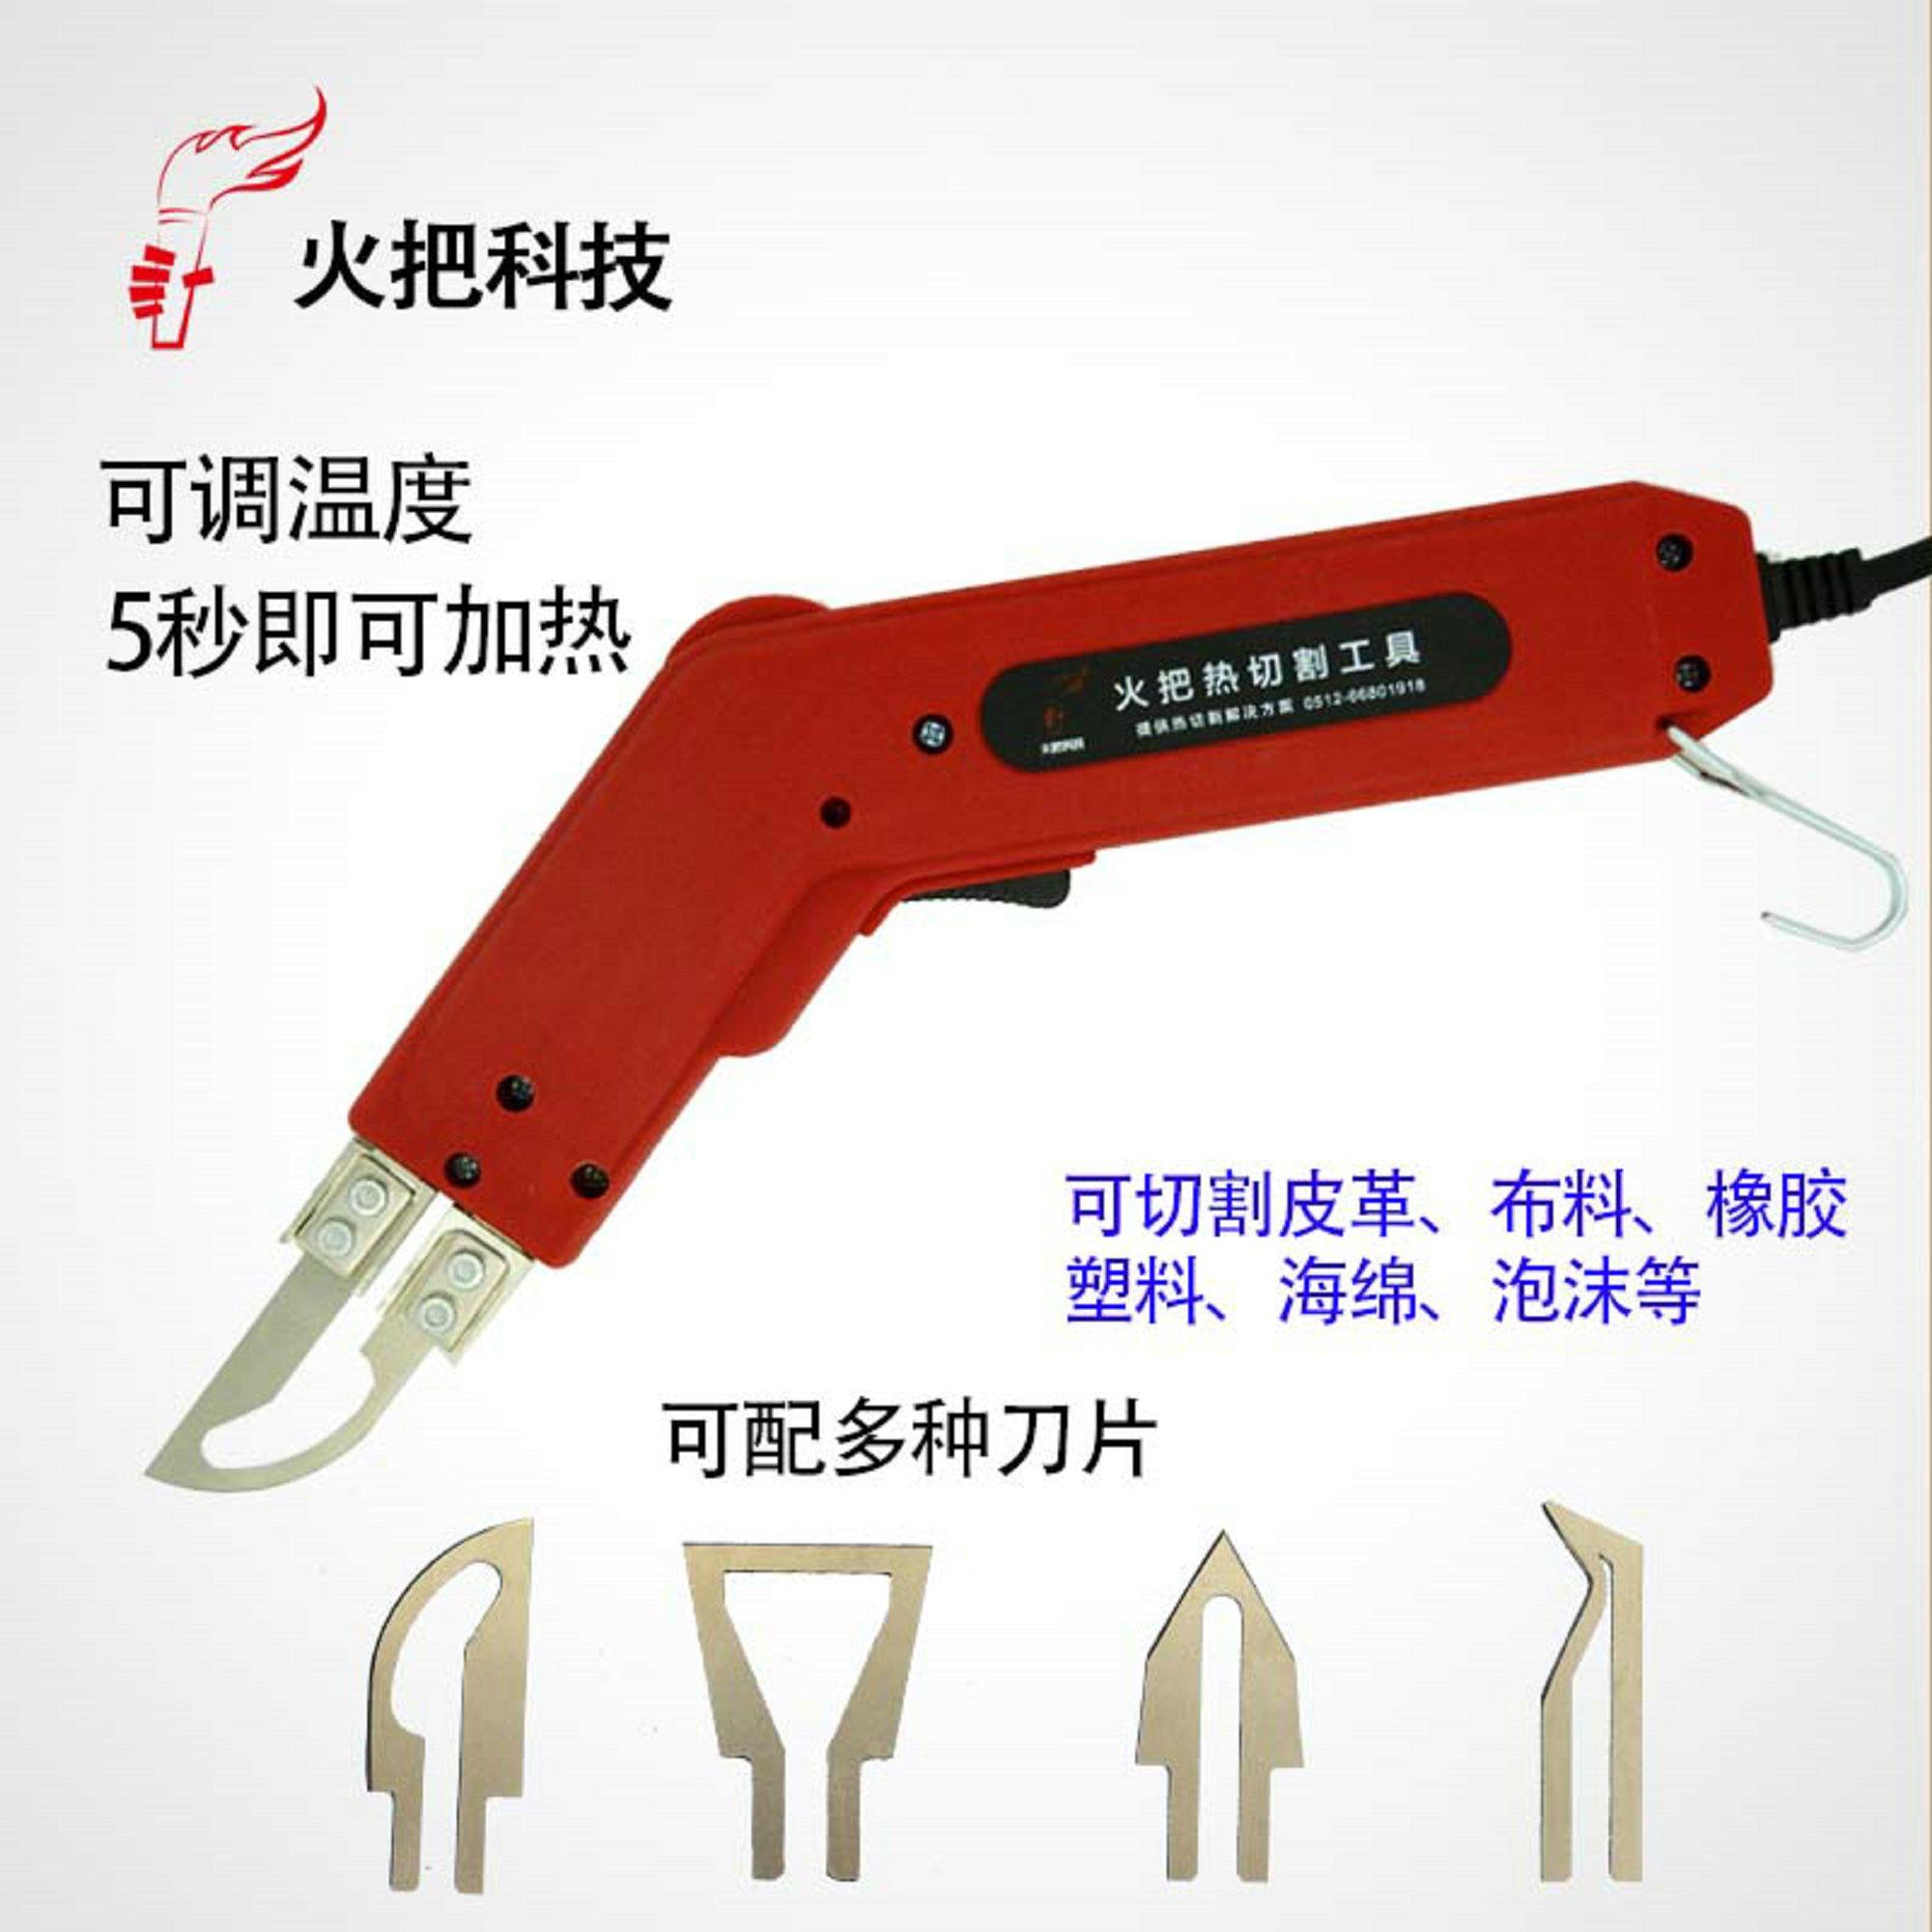 板热切刃热熔刃切布电热切割刃 KT 电热刃亚克力墙布刃去胶铲刃塑料